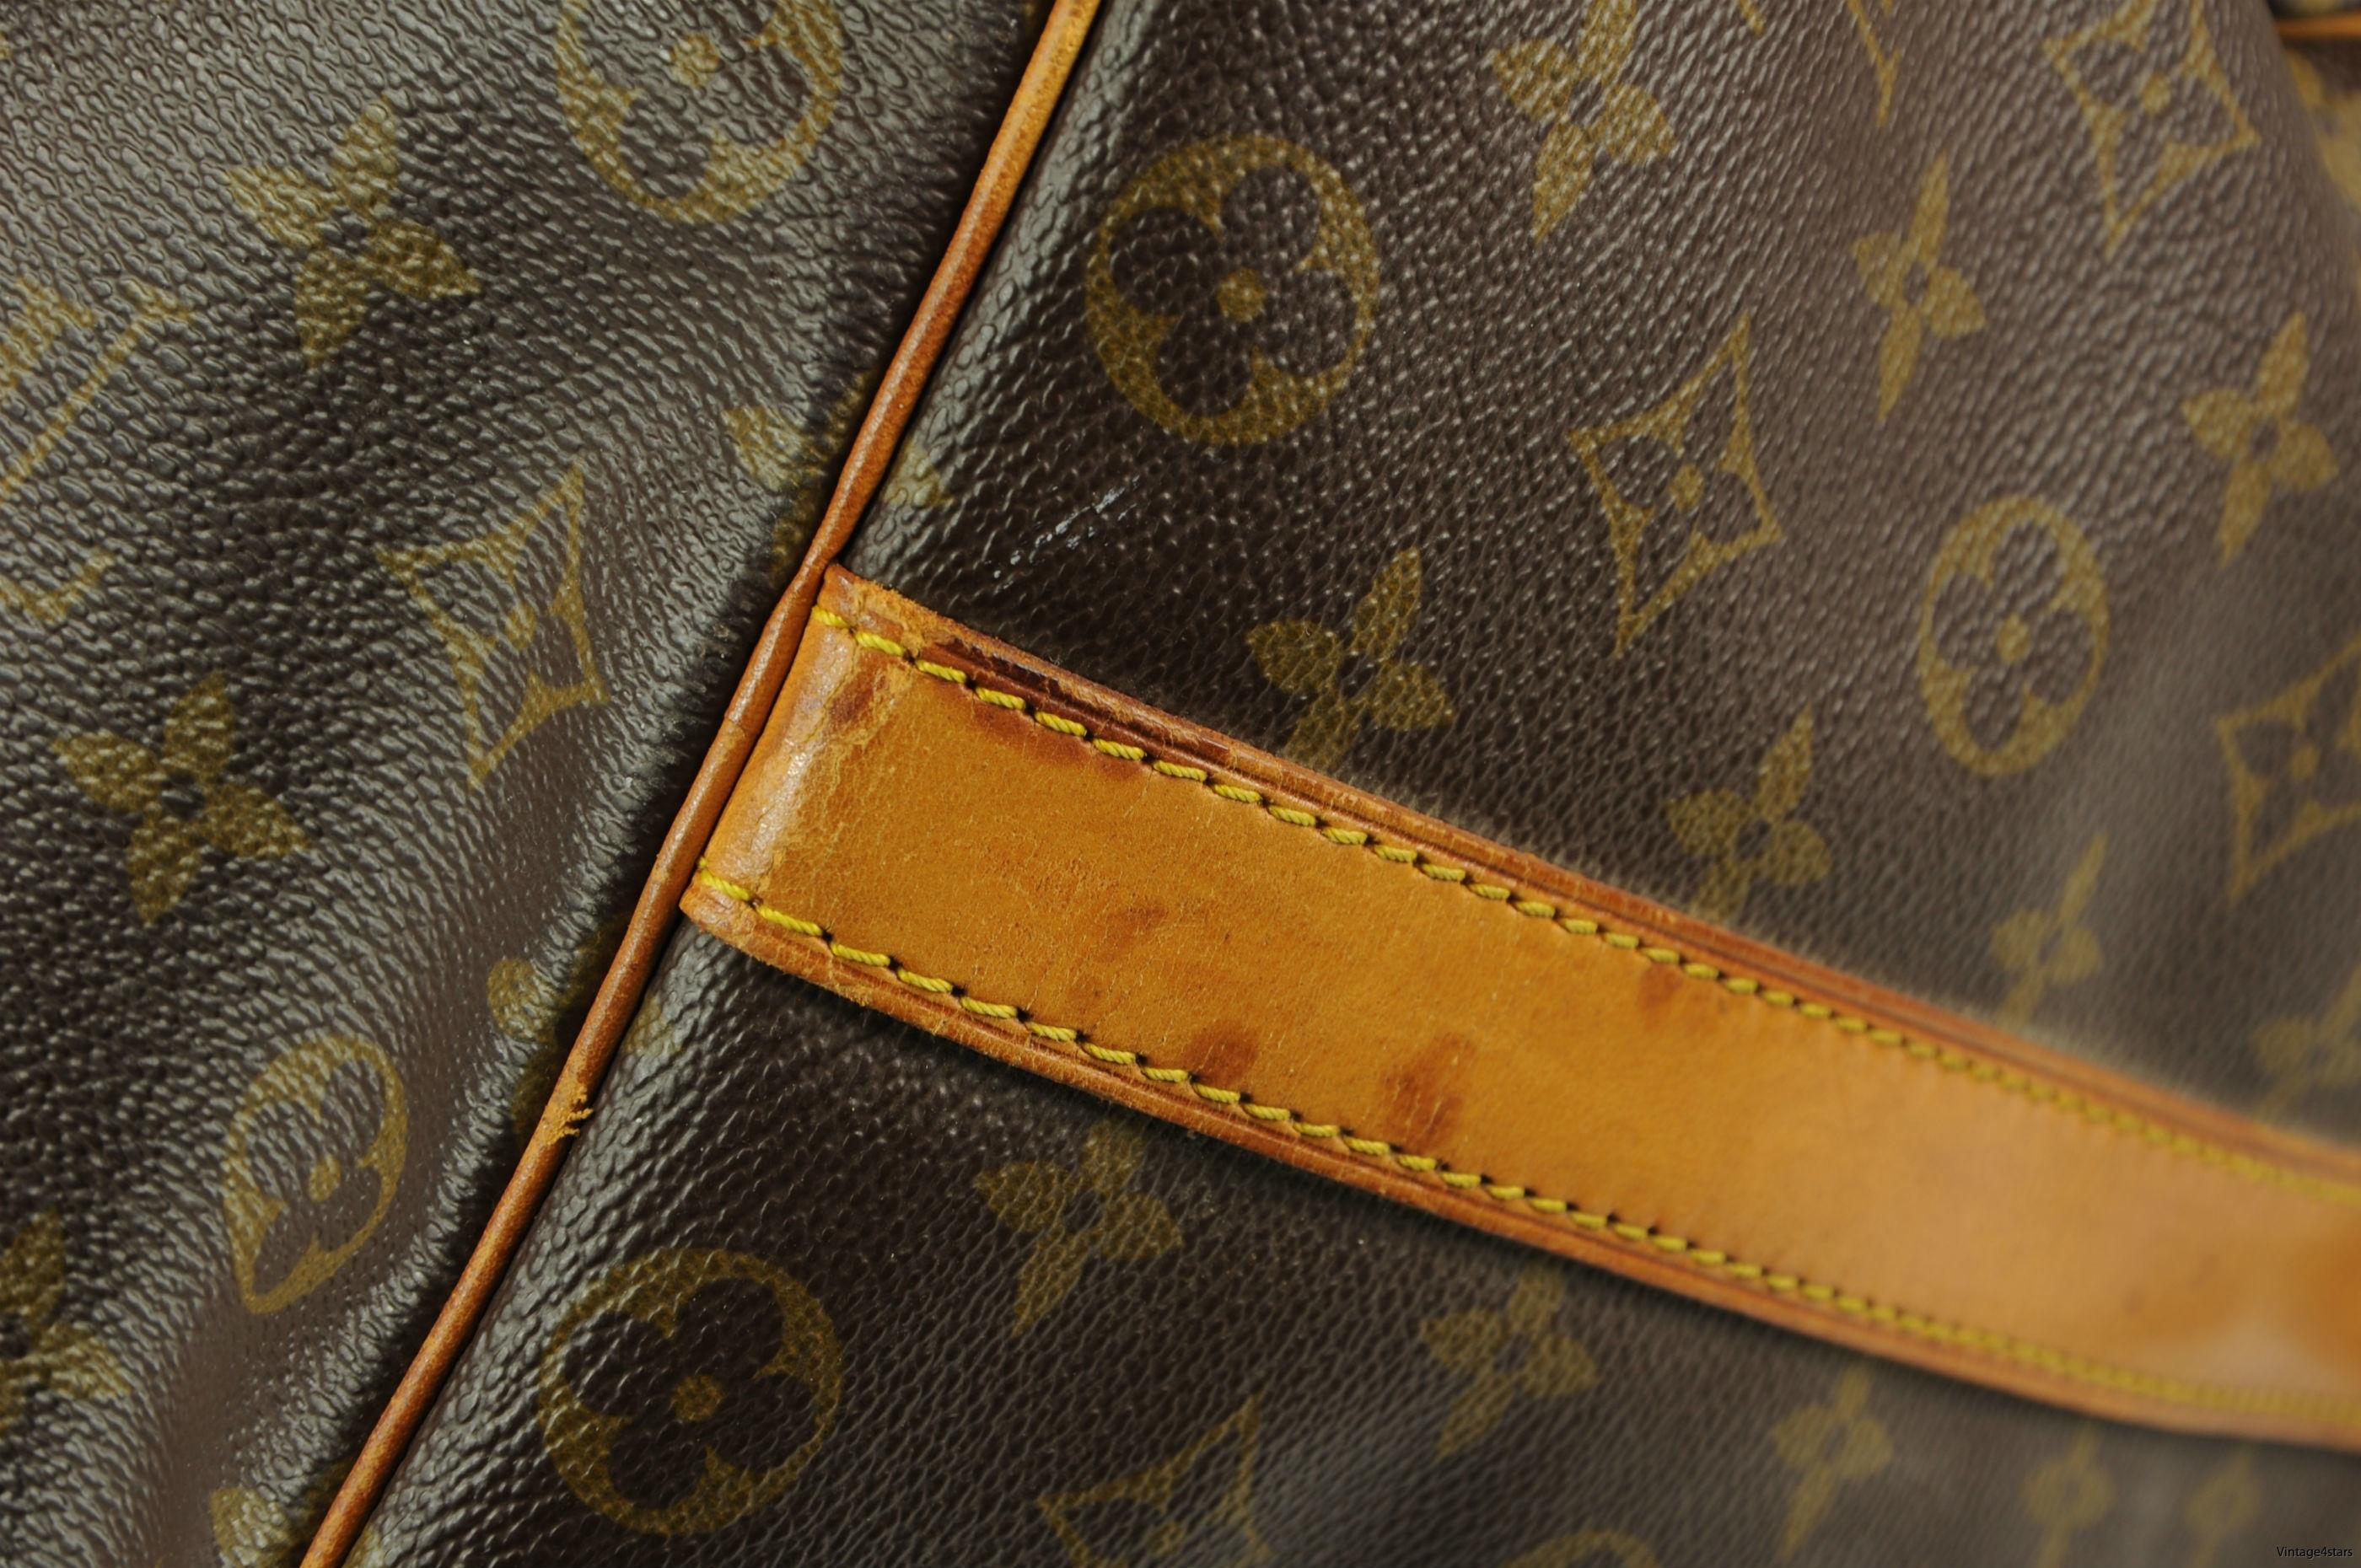 Louis Vuitton Keepall 50 11